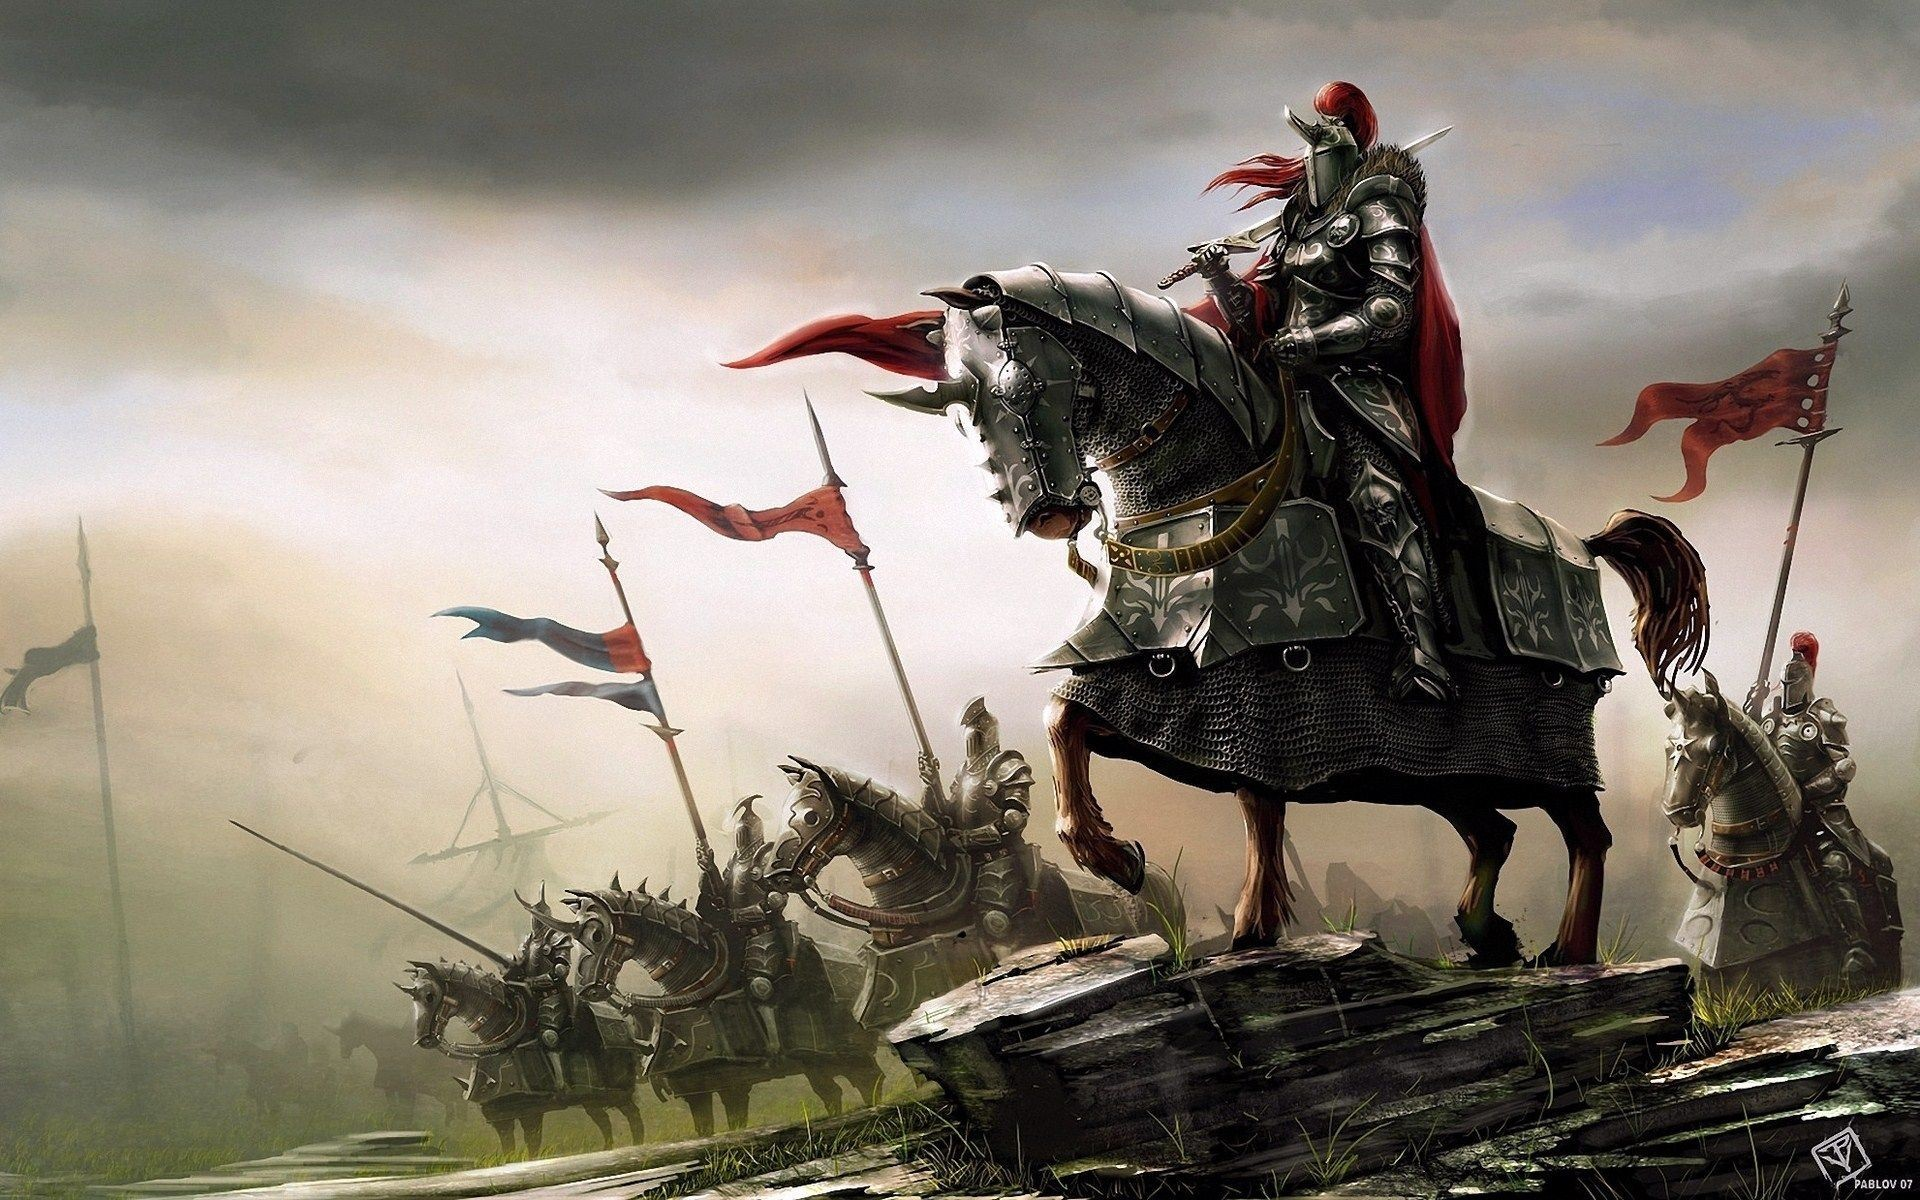 Res: 1920x1200, Fantasy Art Knights Warriors Horses HD Wallpaper - FreeHDWalls